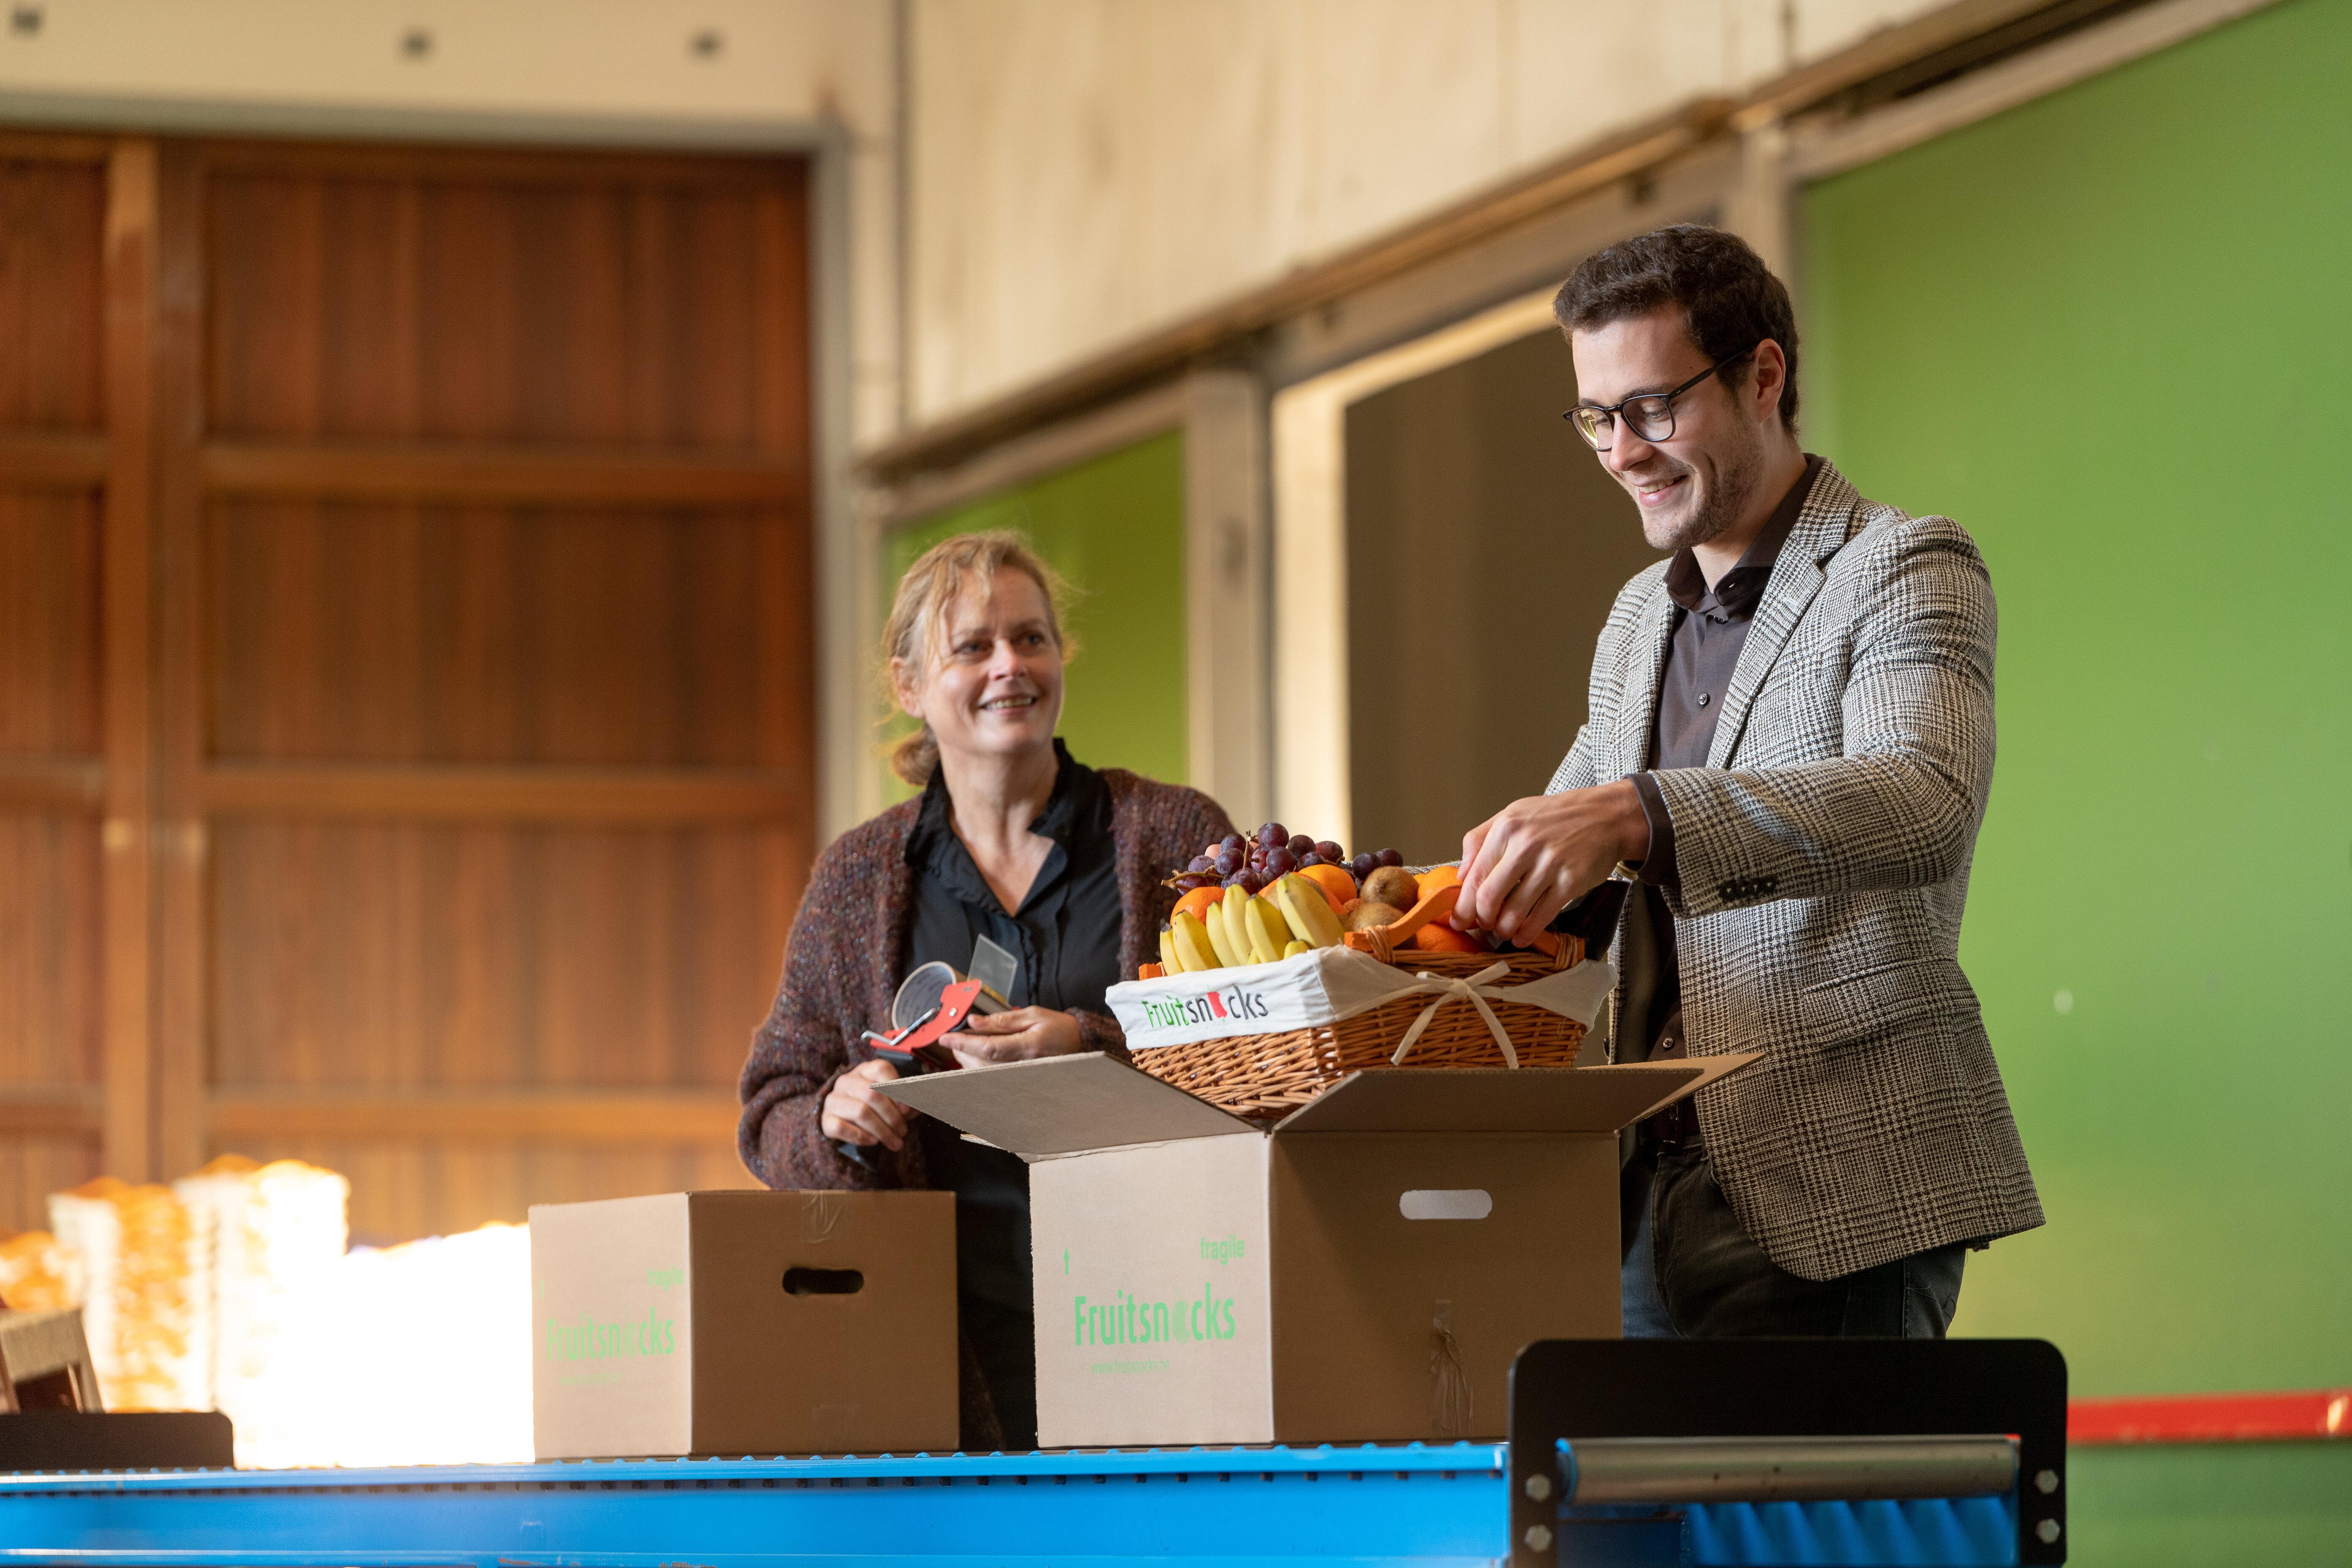 Heidi en Roel in de productie bij Fruitsnacks